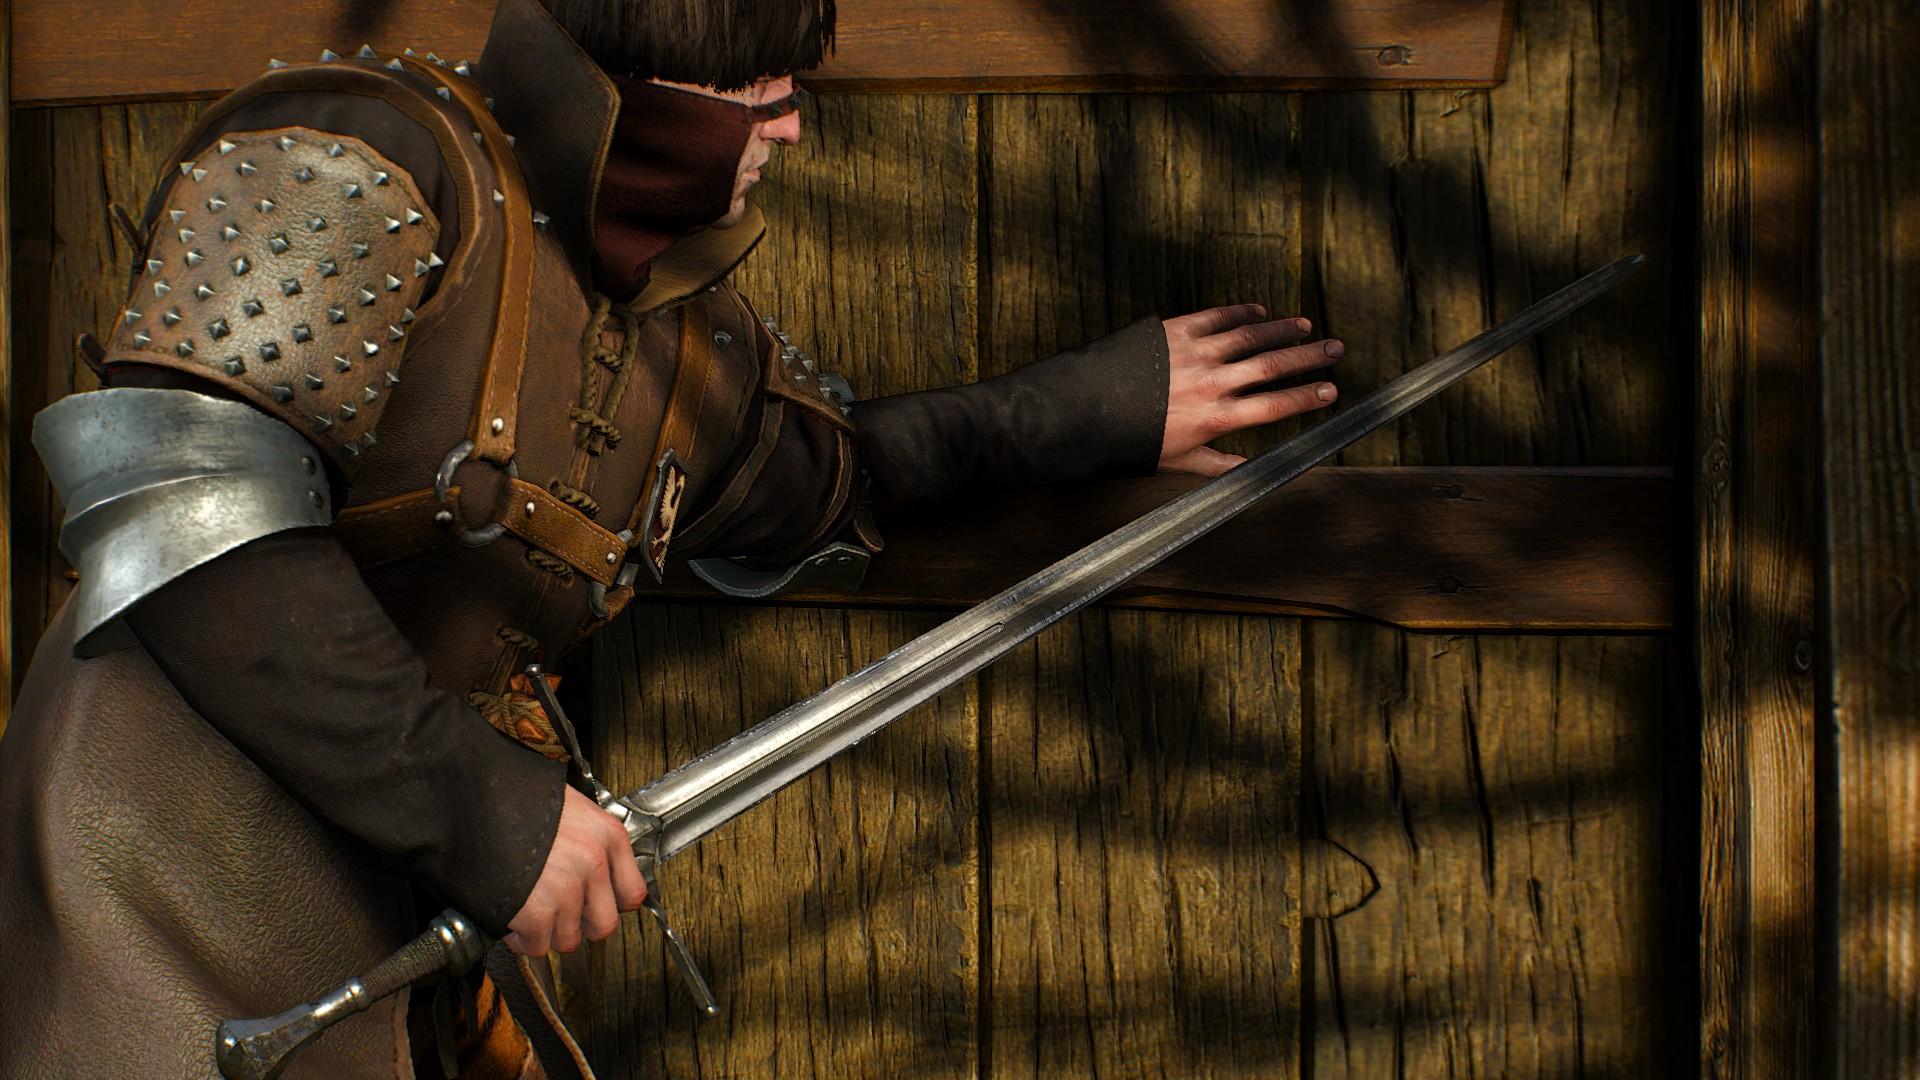 20180930125659_1.jpg - Witcher 3: Wild Hunt, the